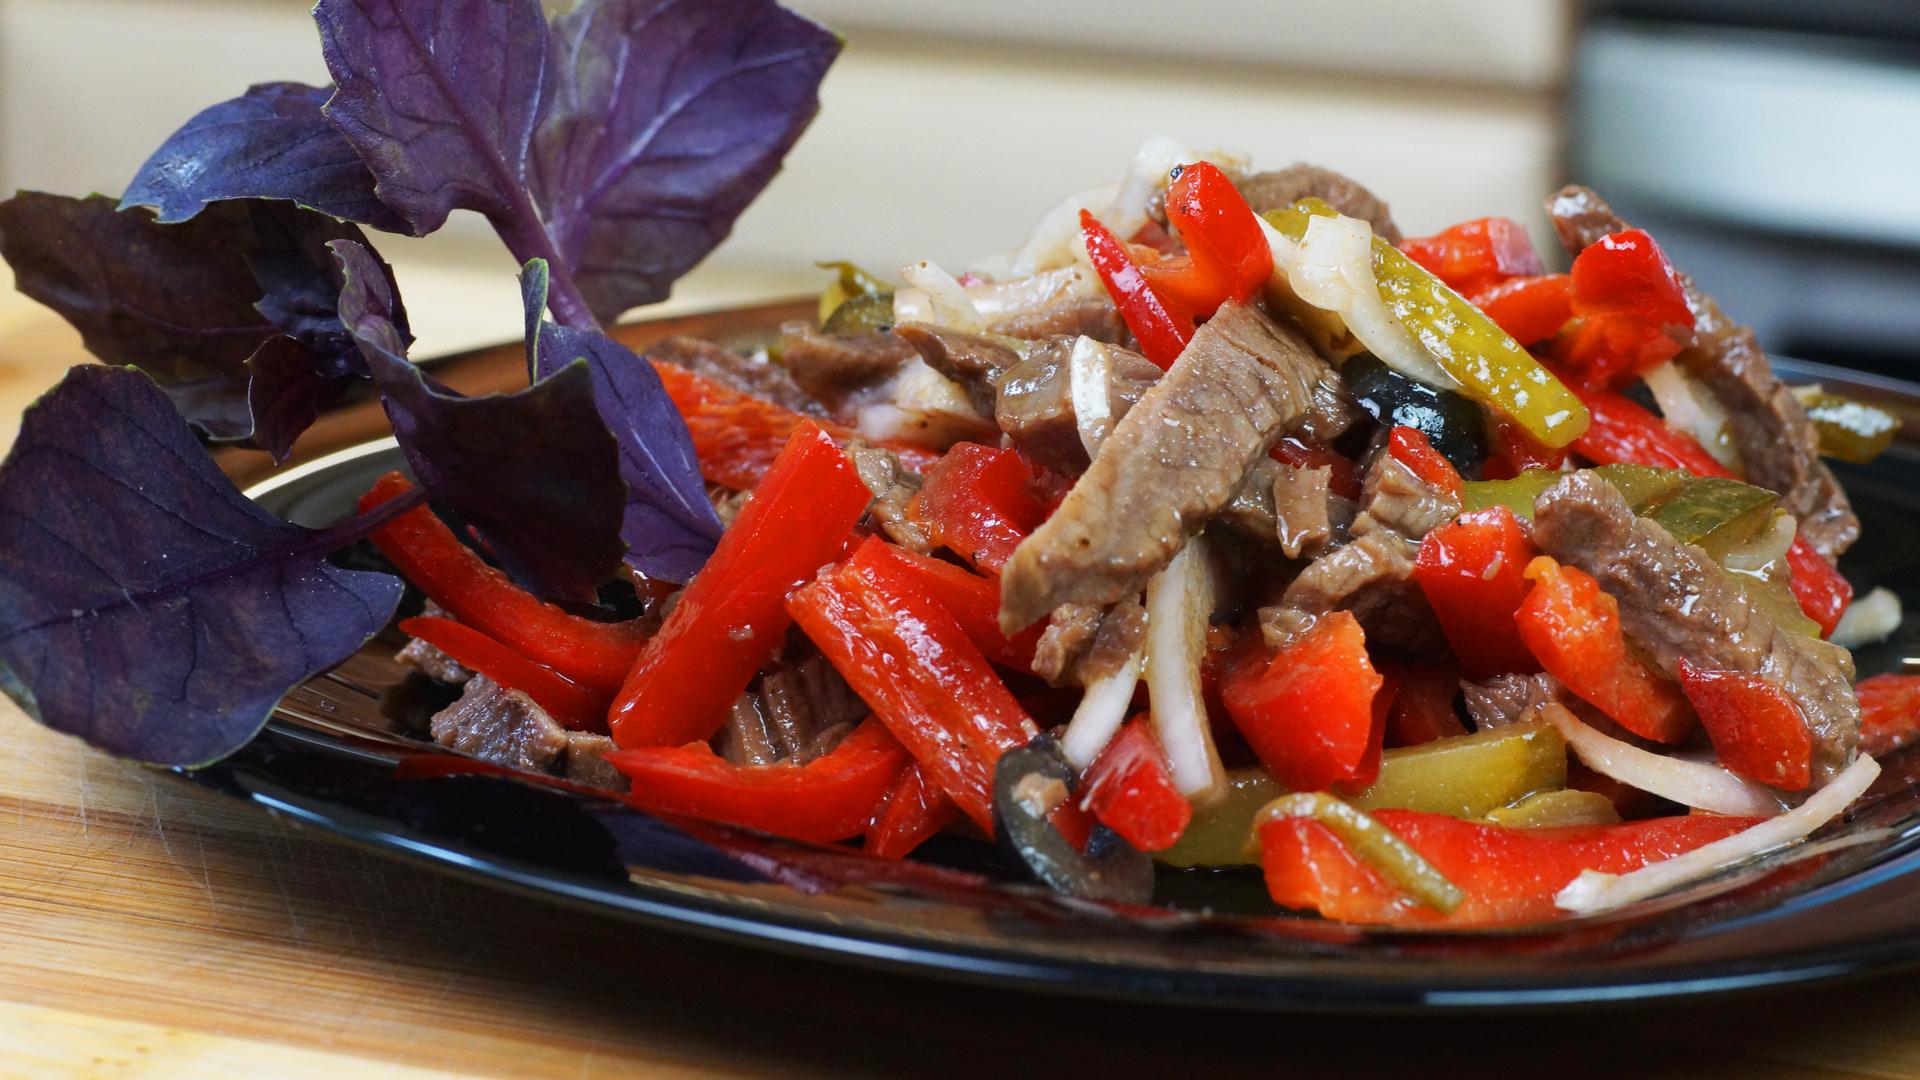 салат из говядины отварной рецепт с фото знатоков будет пара